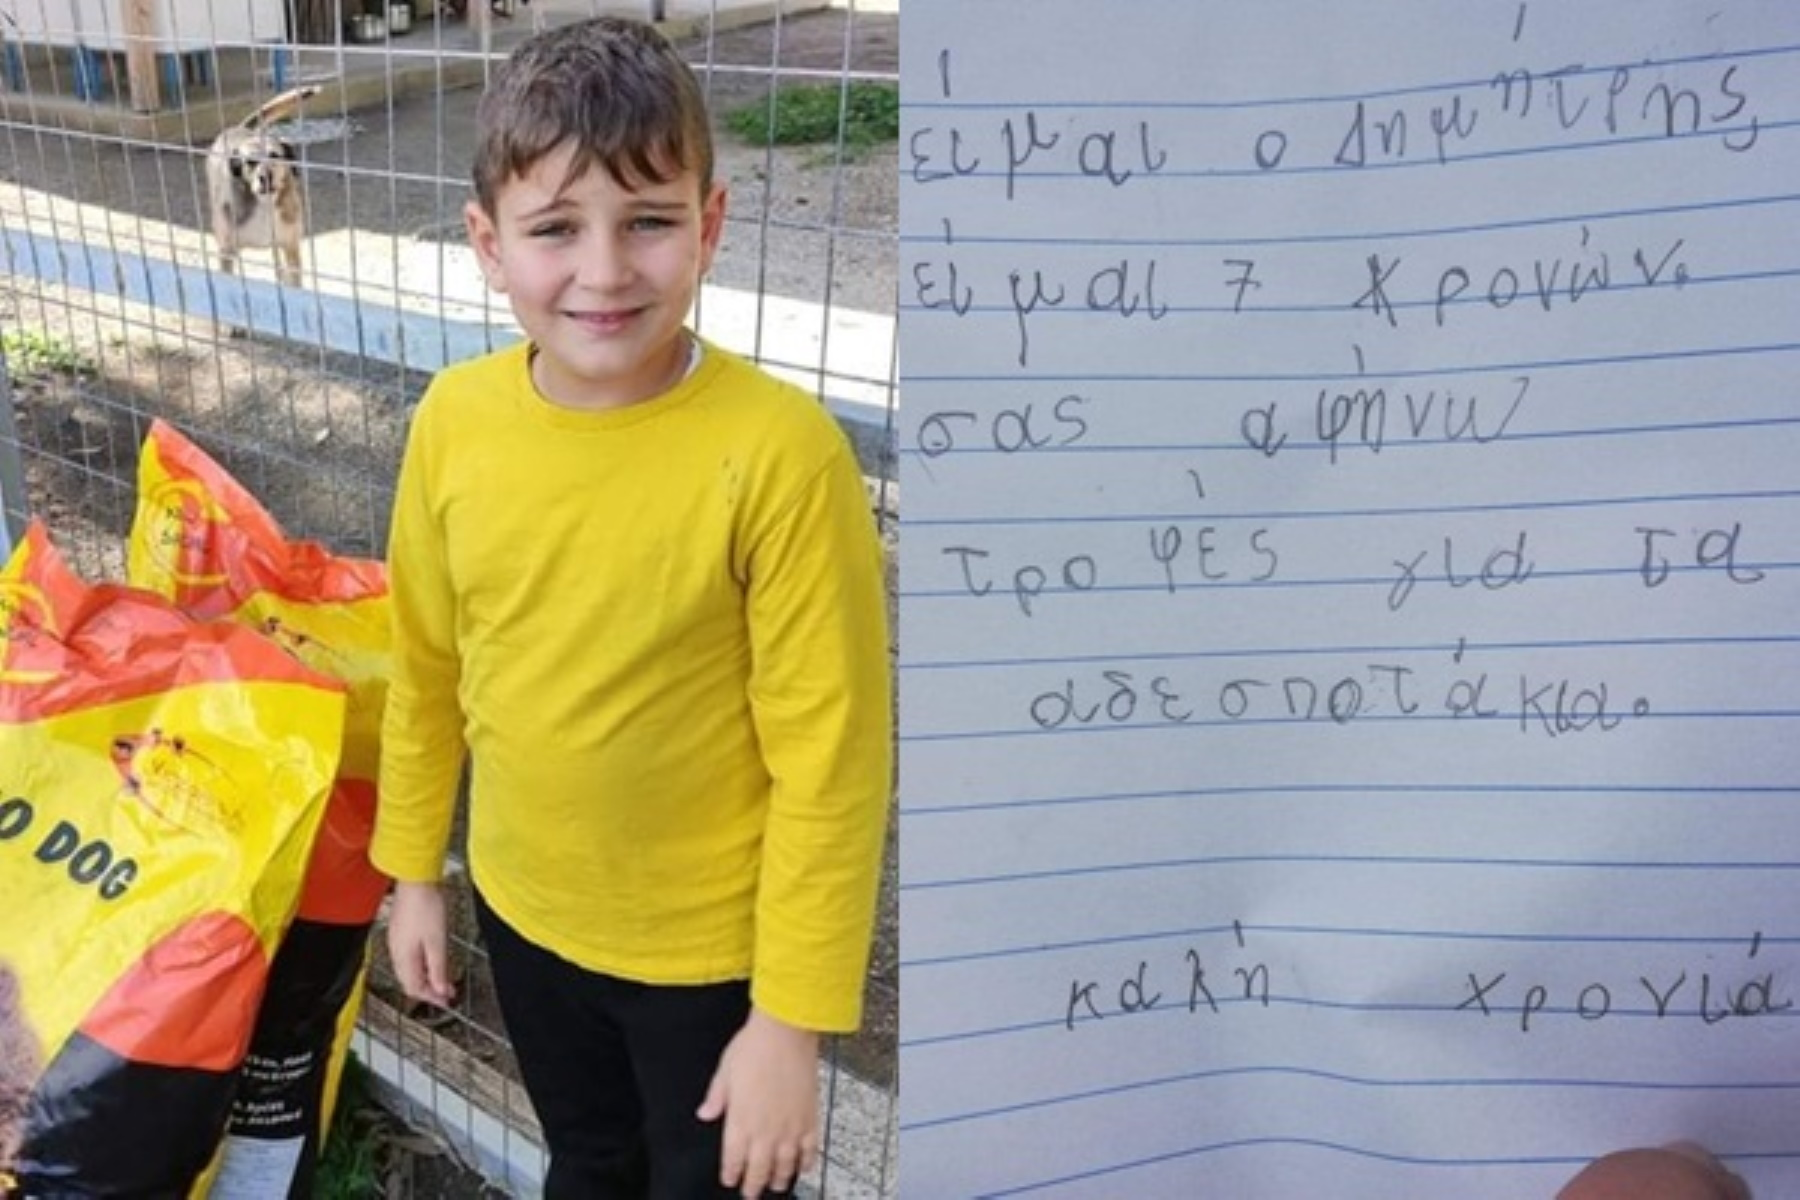 Σύρος: Ο 7χρονος Δημήτρης συγκίνησε με την πράξη του όλο το νησί (pics)